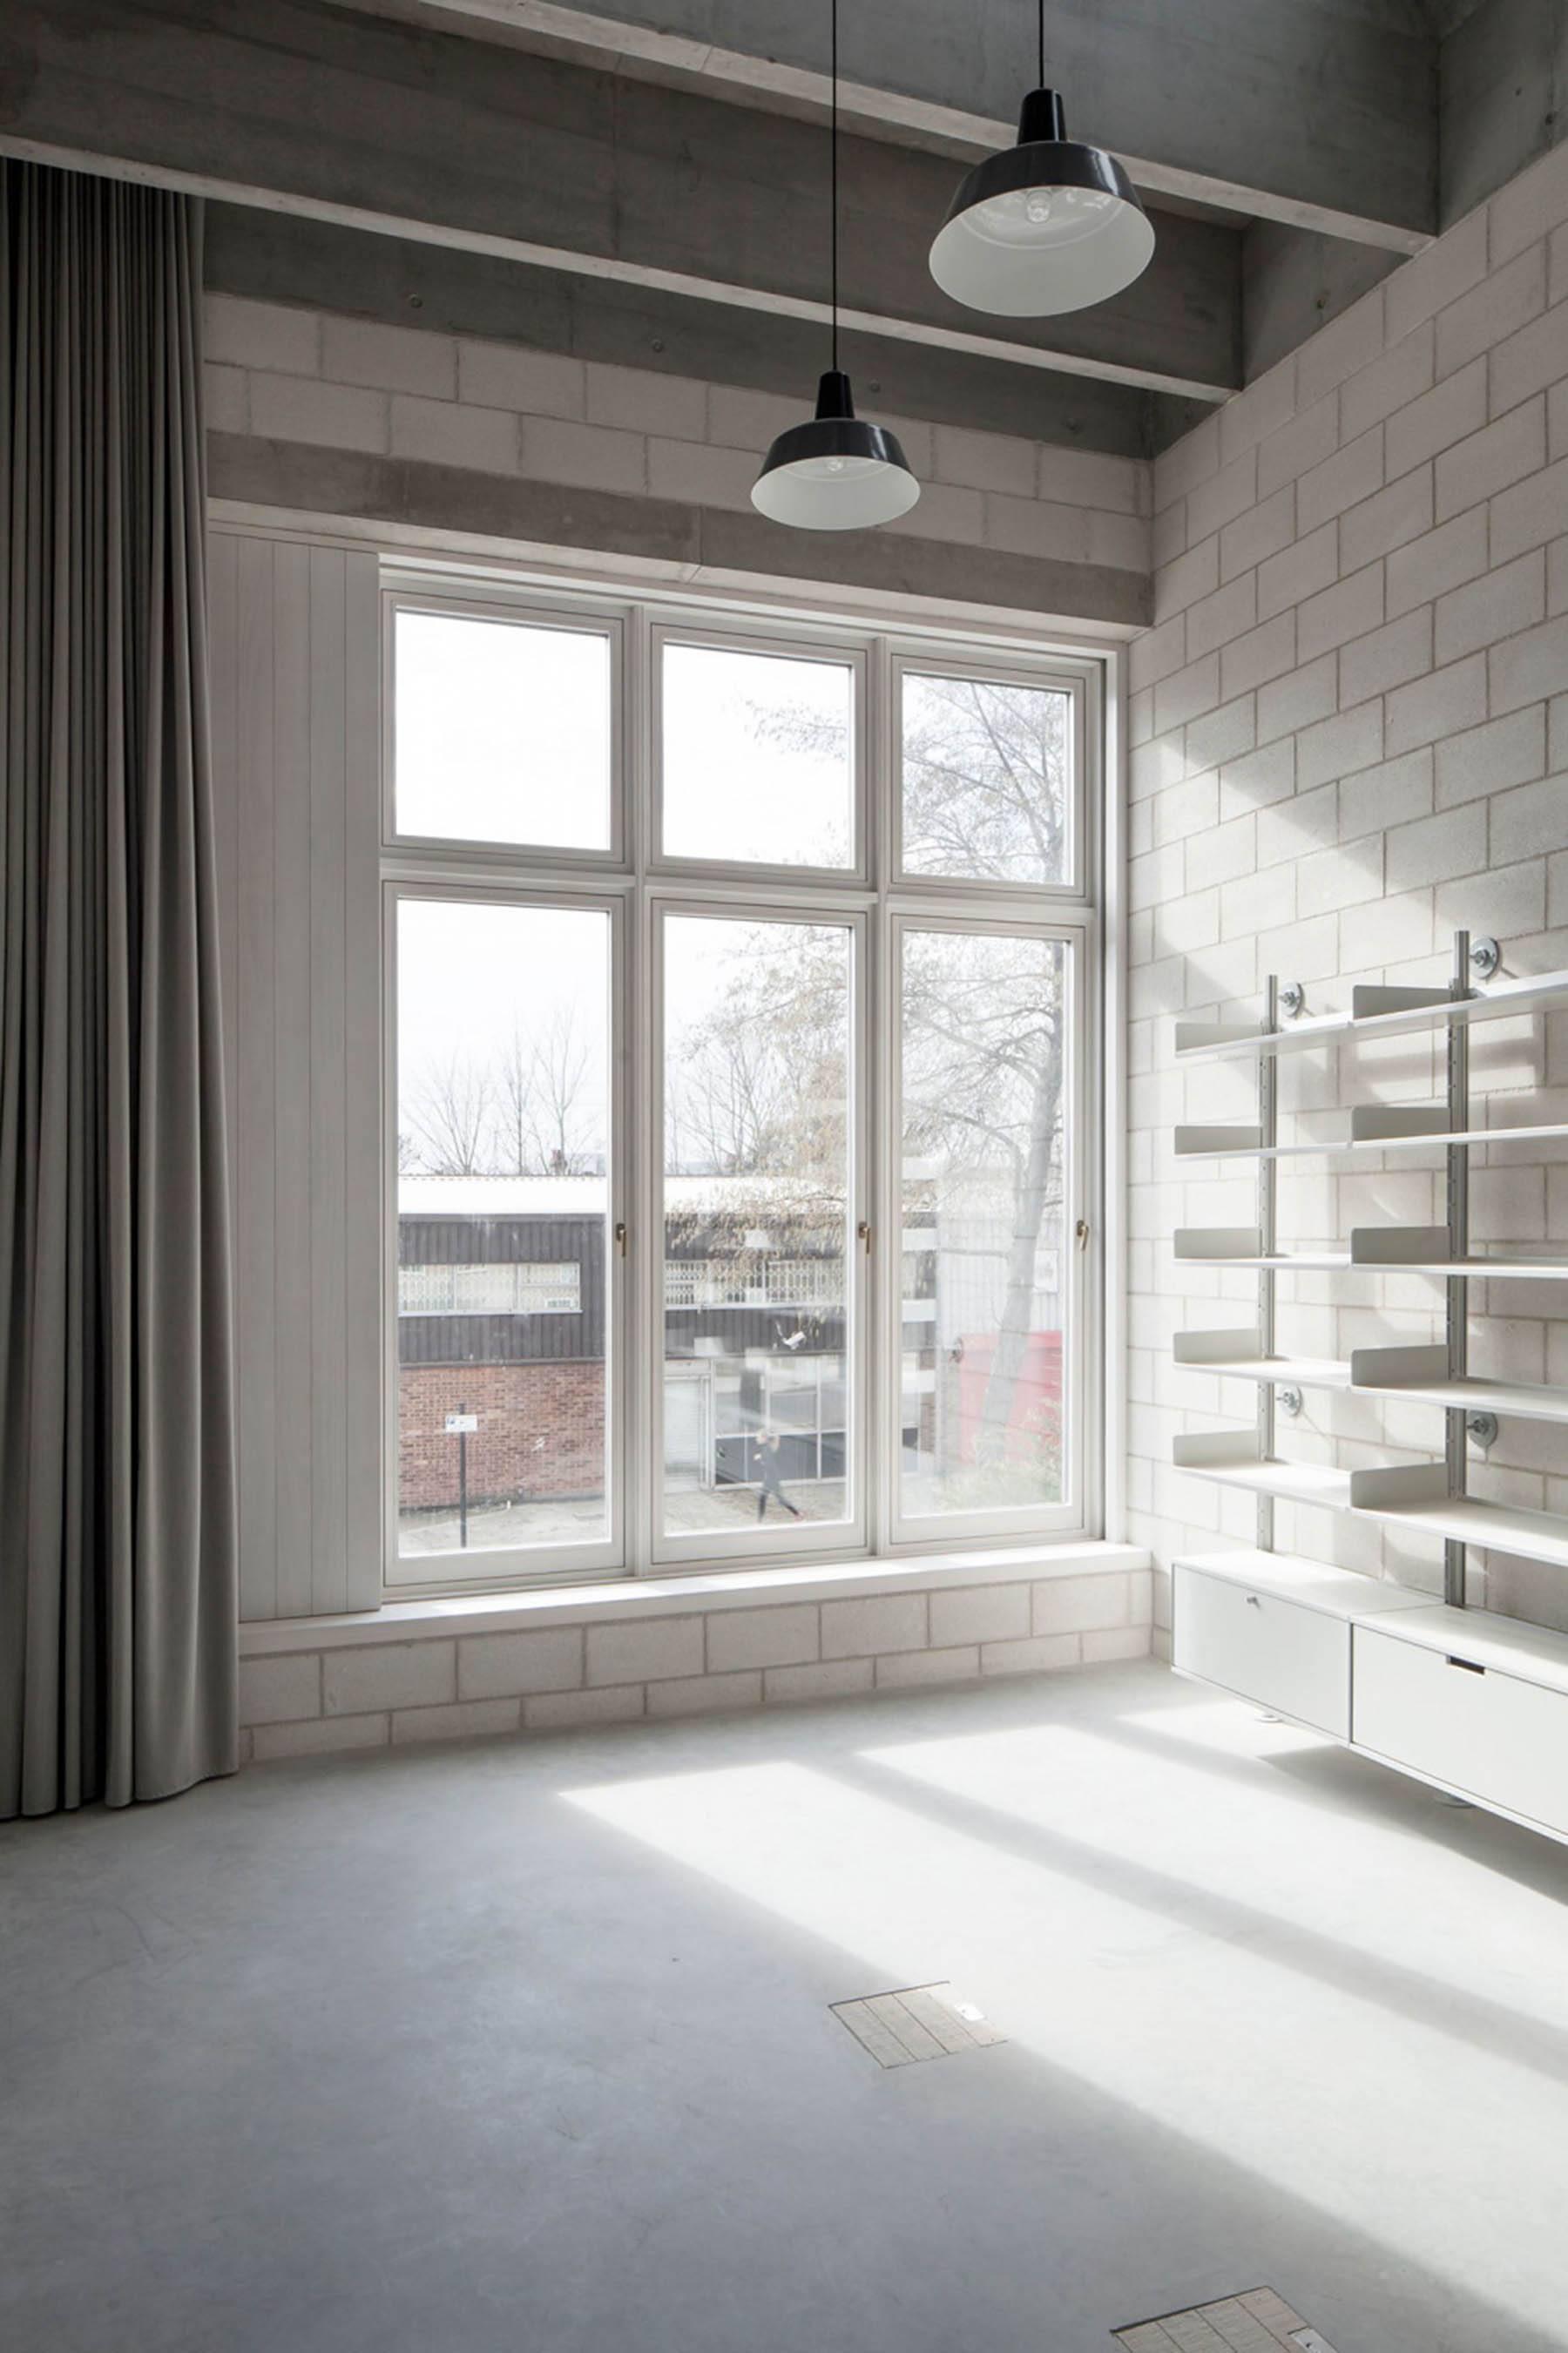 iGNANT-Architecture-6A-Juergen-Teller-Studio-003